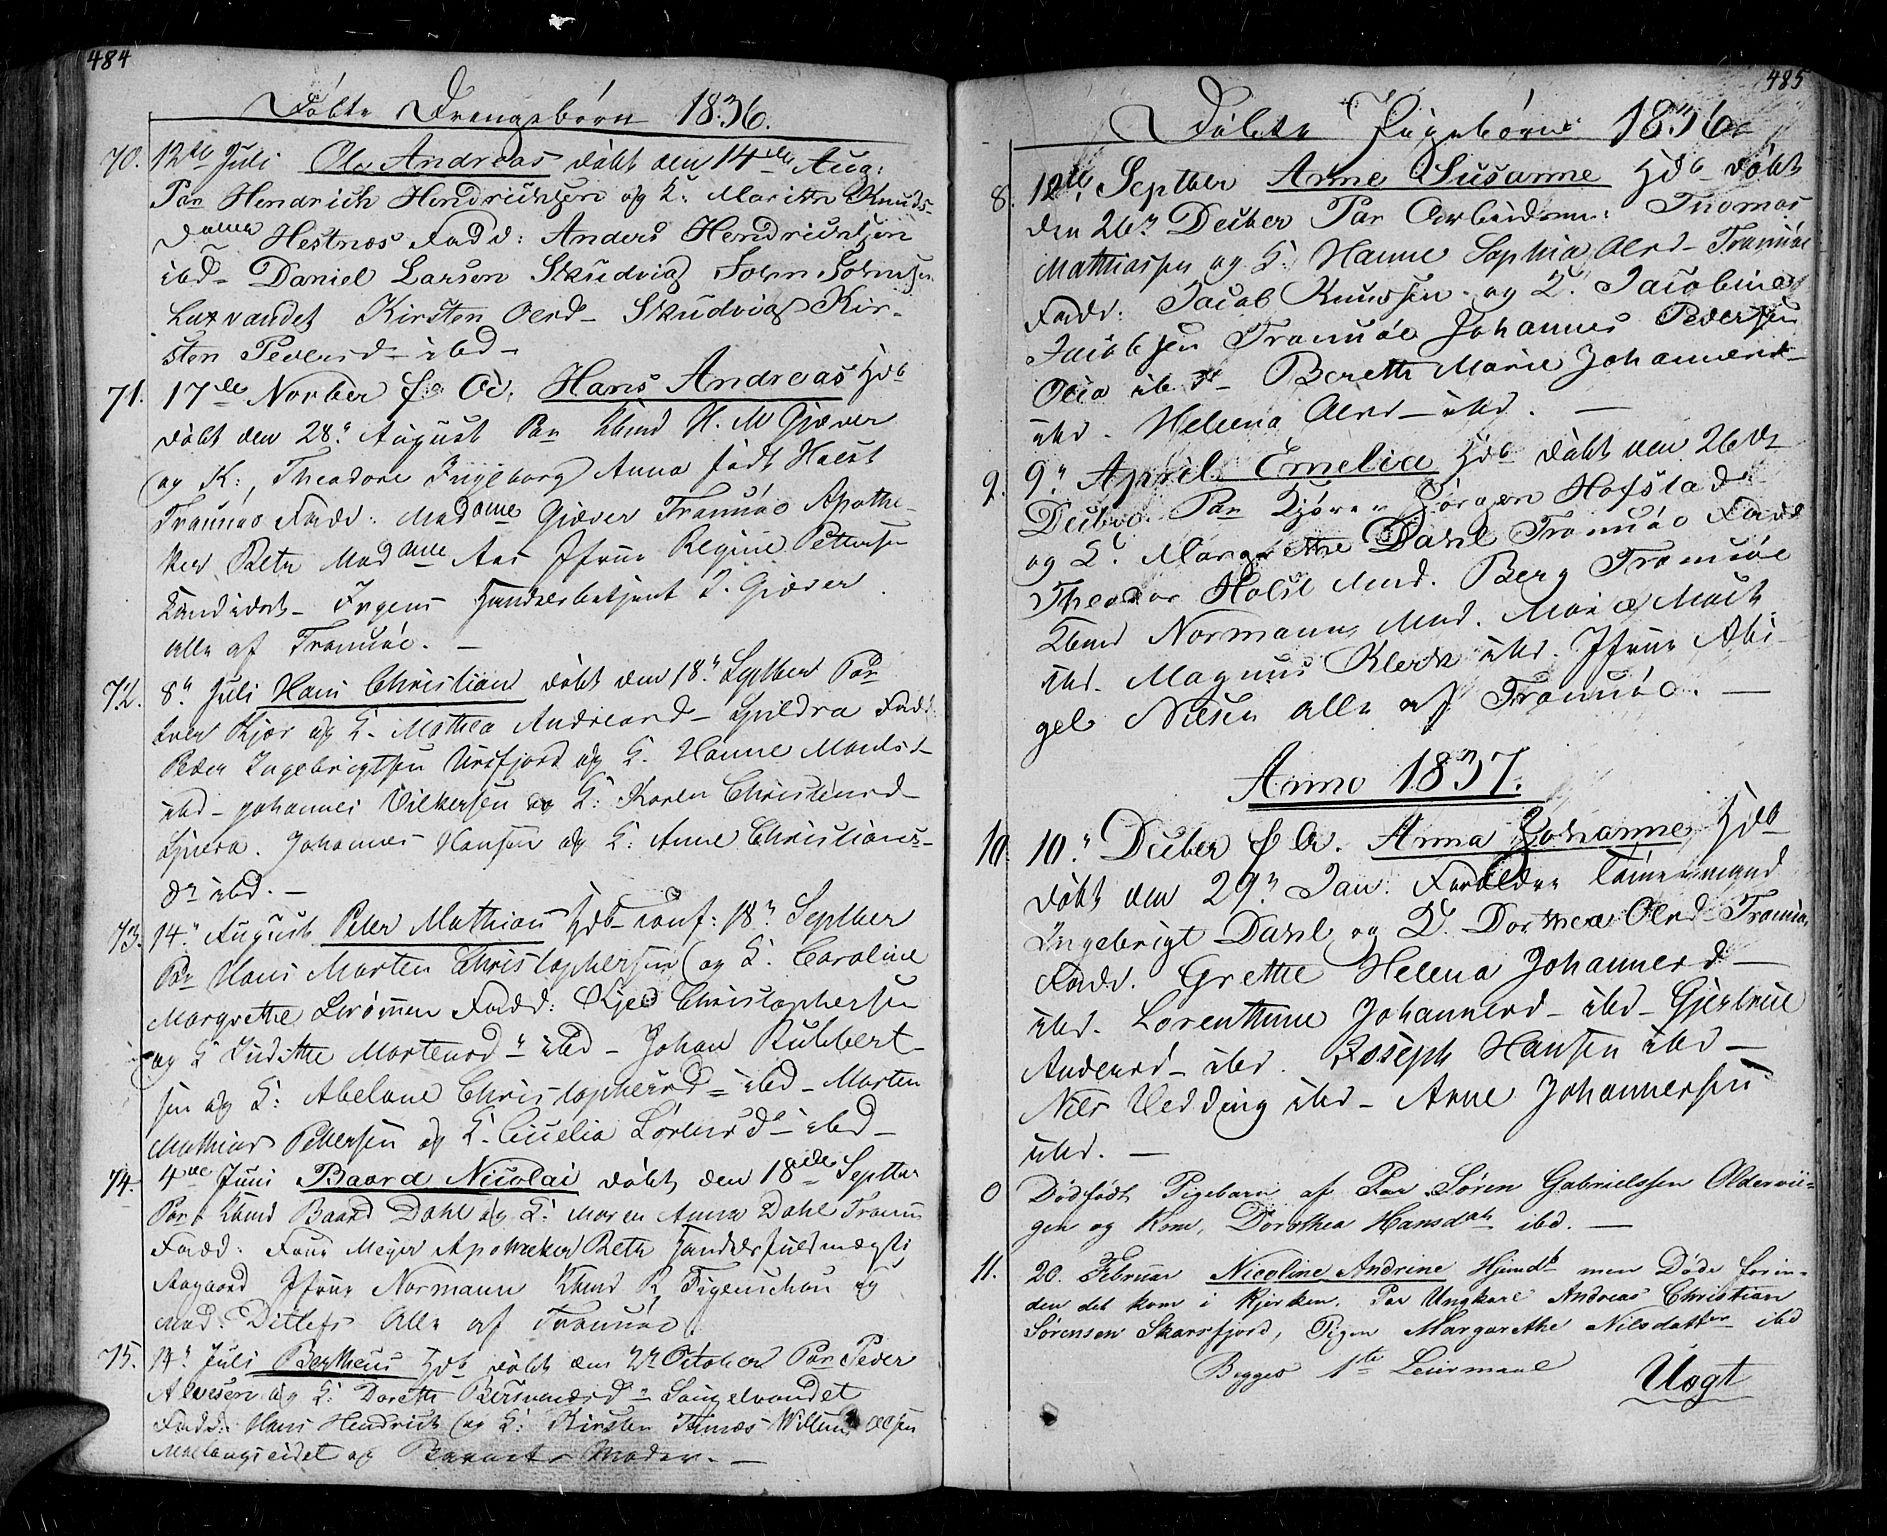 SATØ, Tromsø sokneprestkontor/stiftsprosti/domprosti, G/Ga/L0008kirke: Ministerialbok nr. 8, 1829-1837, s. 484-485